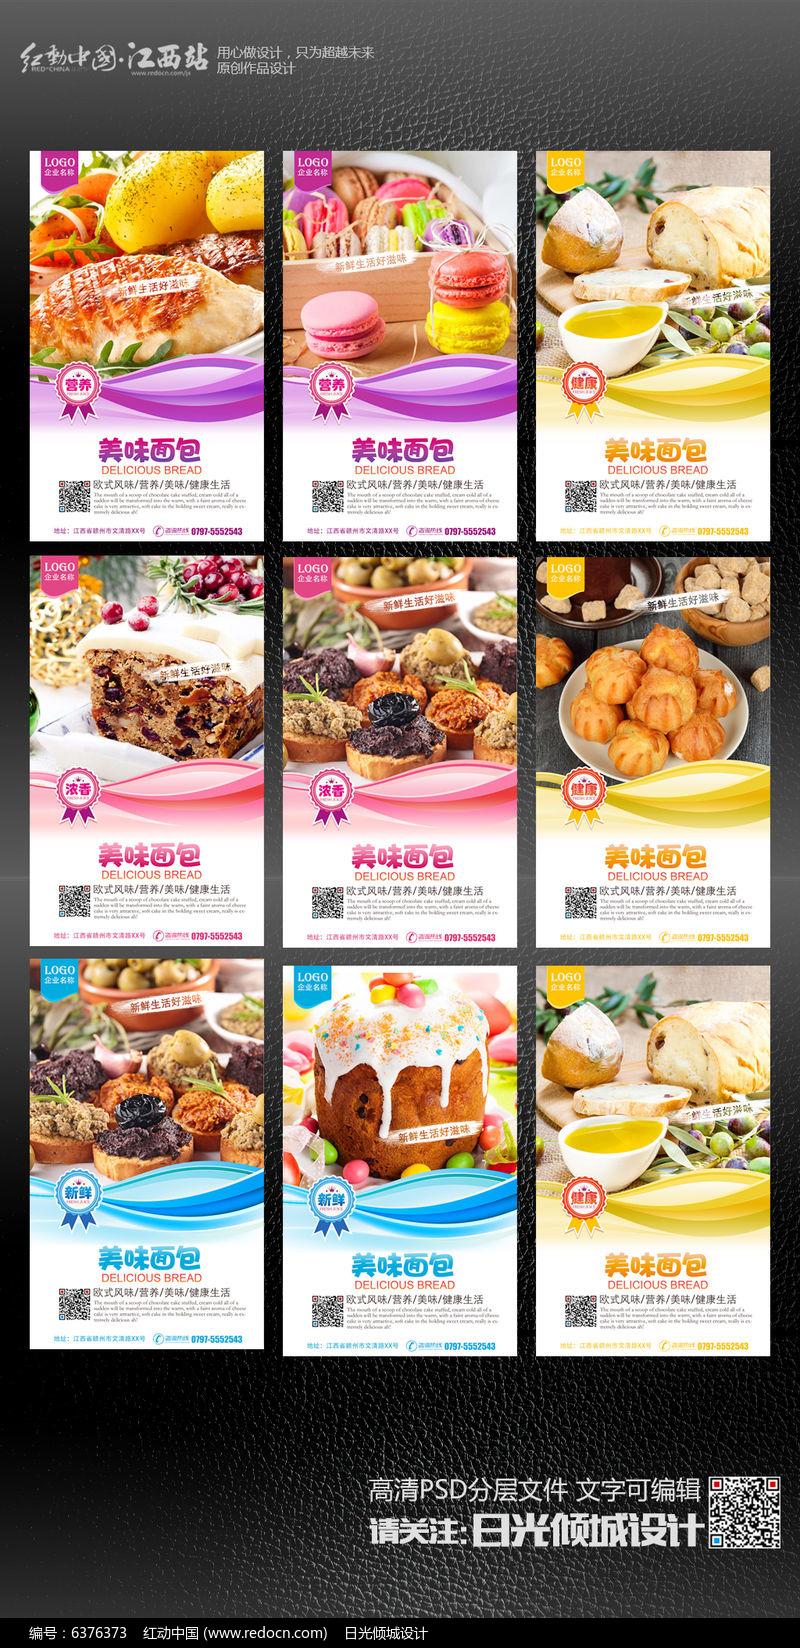 整套大气面包店面包海报设计图片